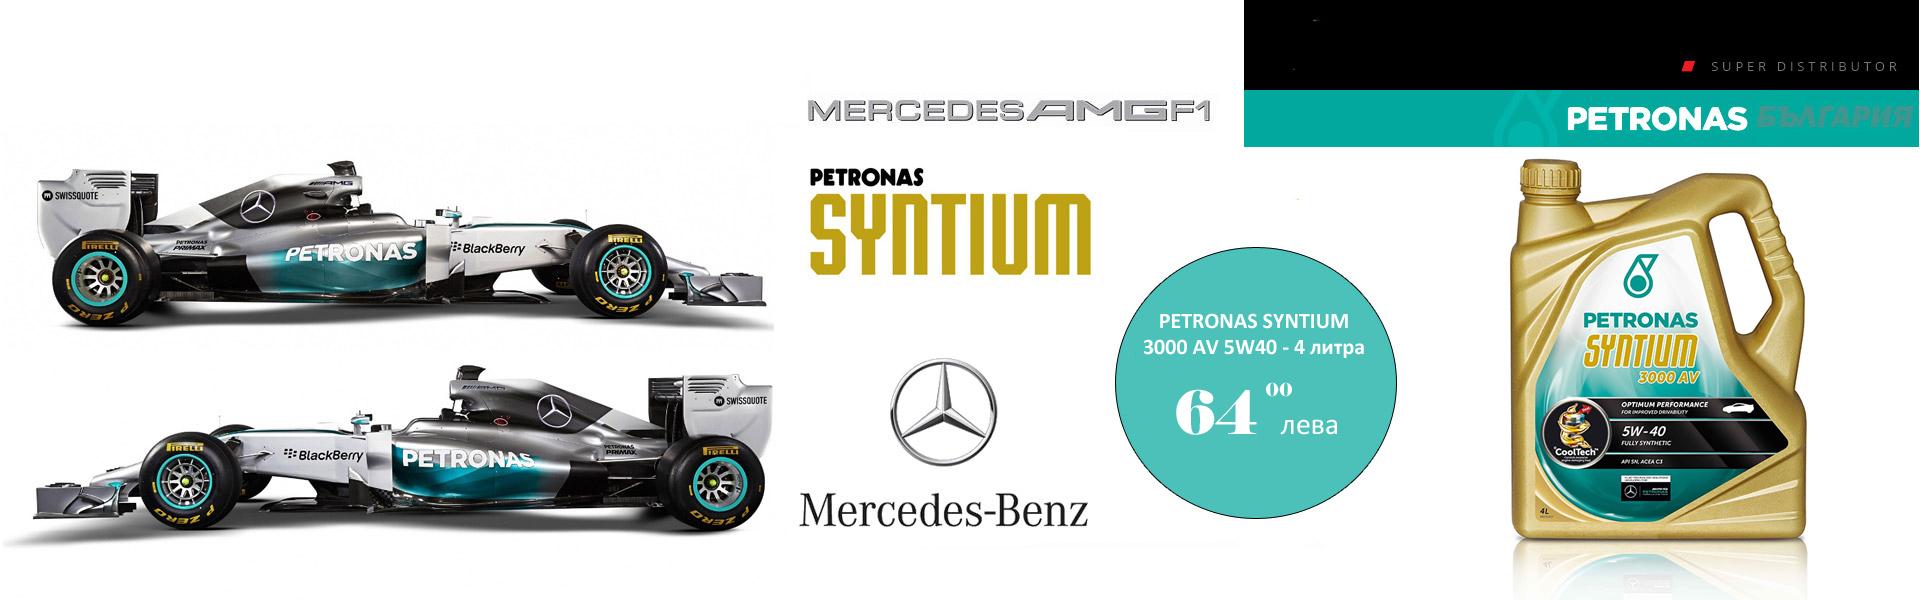 Моторни масла Petronas Syntium